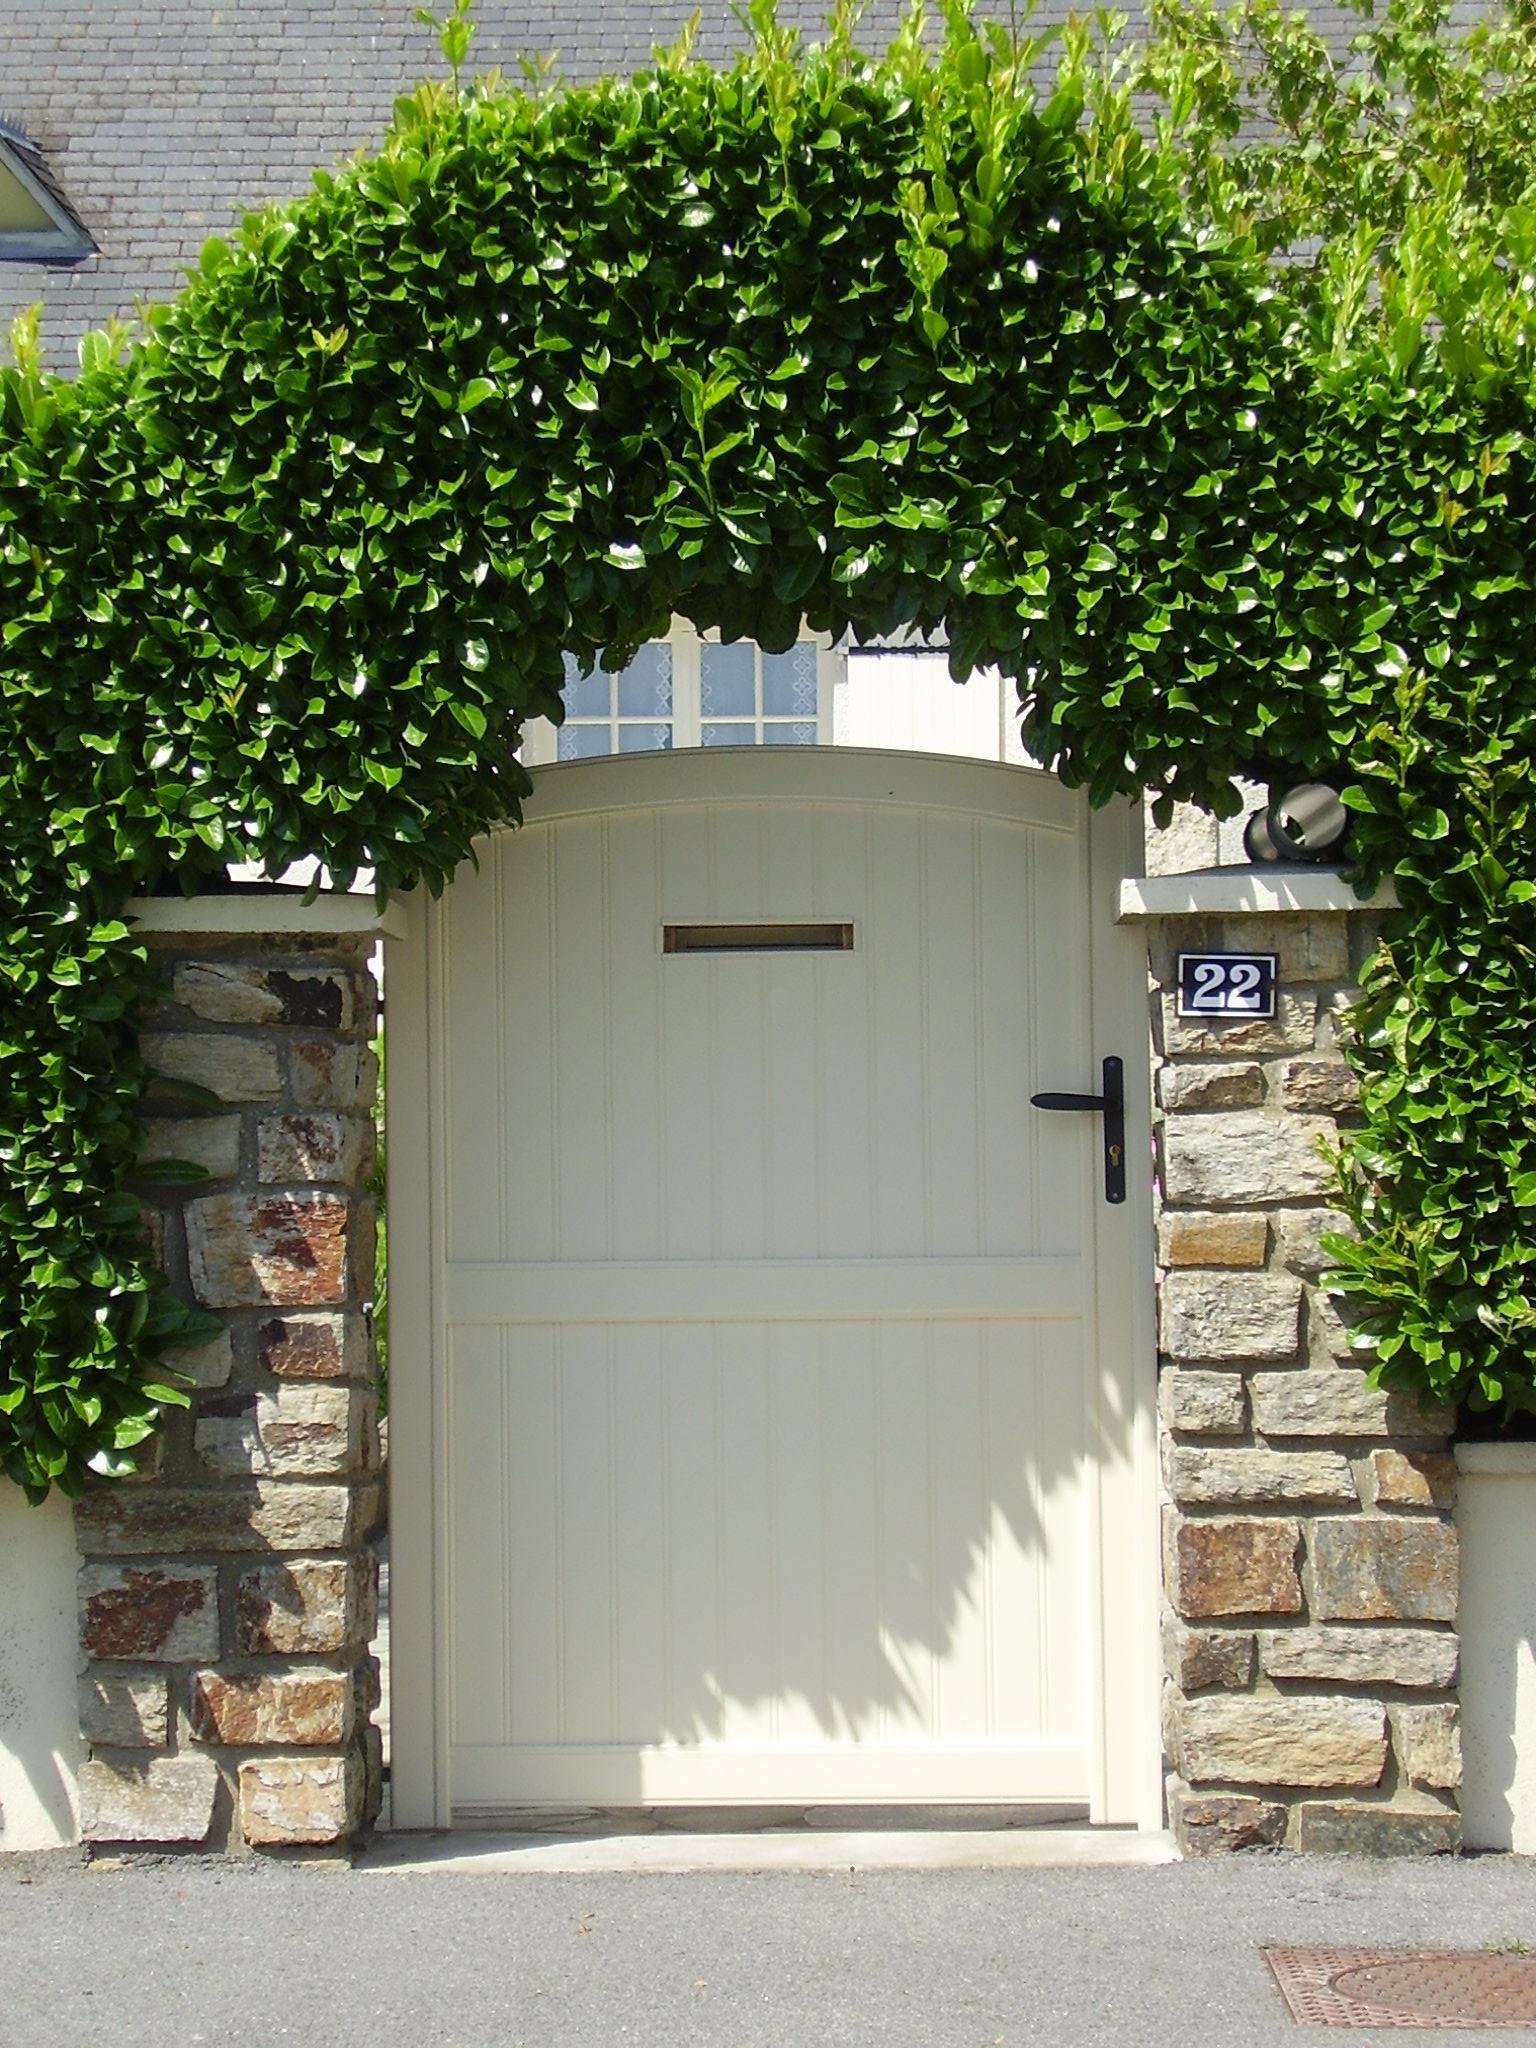 Pose d'un portillon en aluminium avec boîte aux lettres intégrée